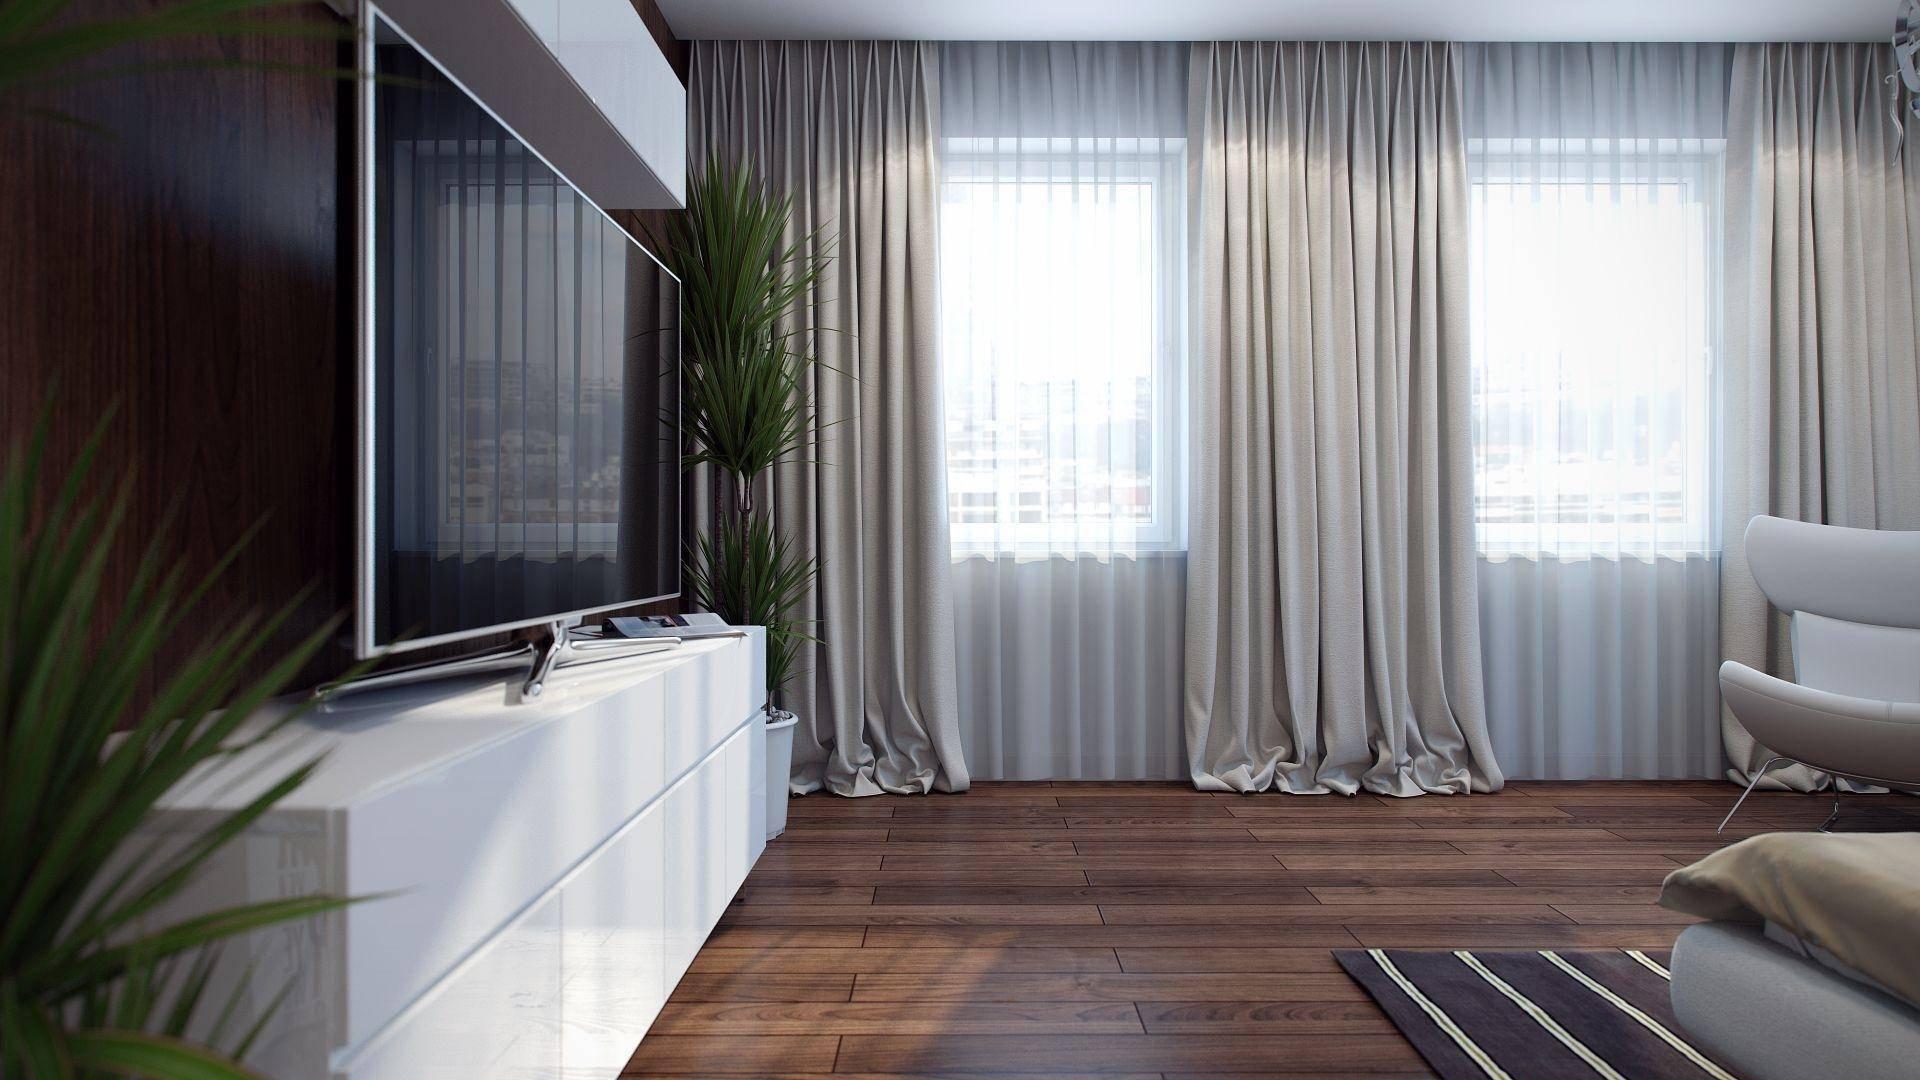 Как красиво повесить шторы? 39 фото: оформление окон в гостиной драпировкой, как завязать и собрать занавески, идеи для зала